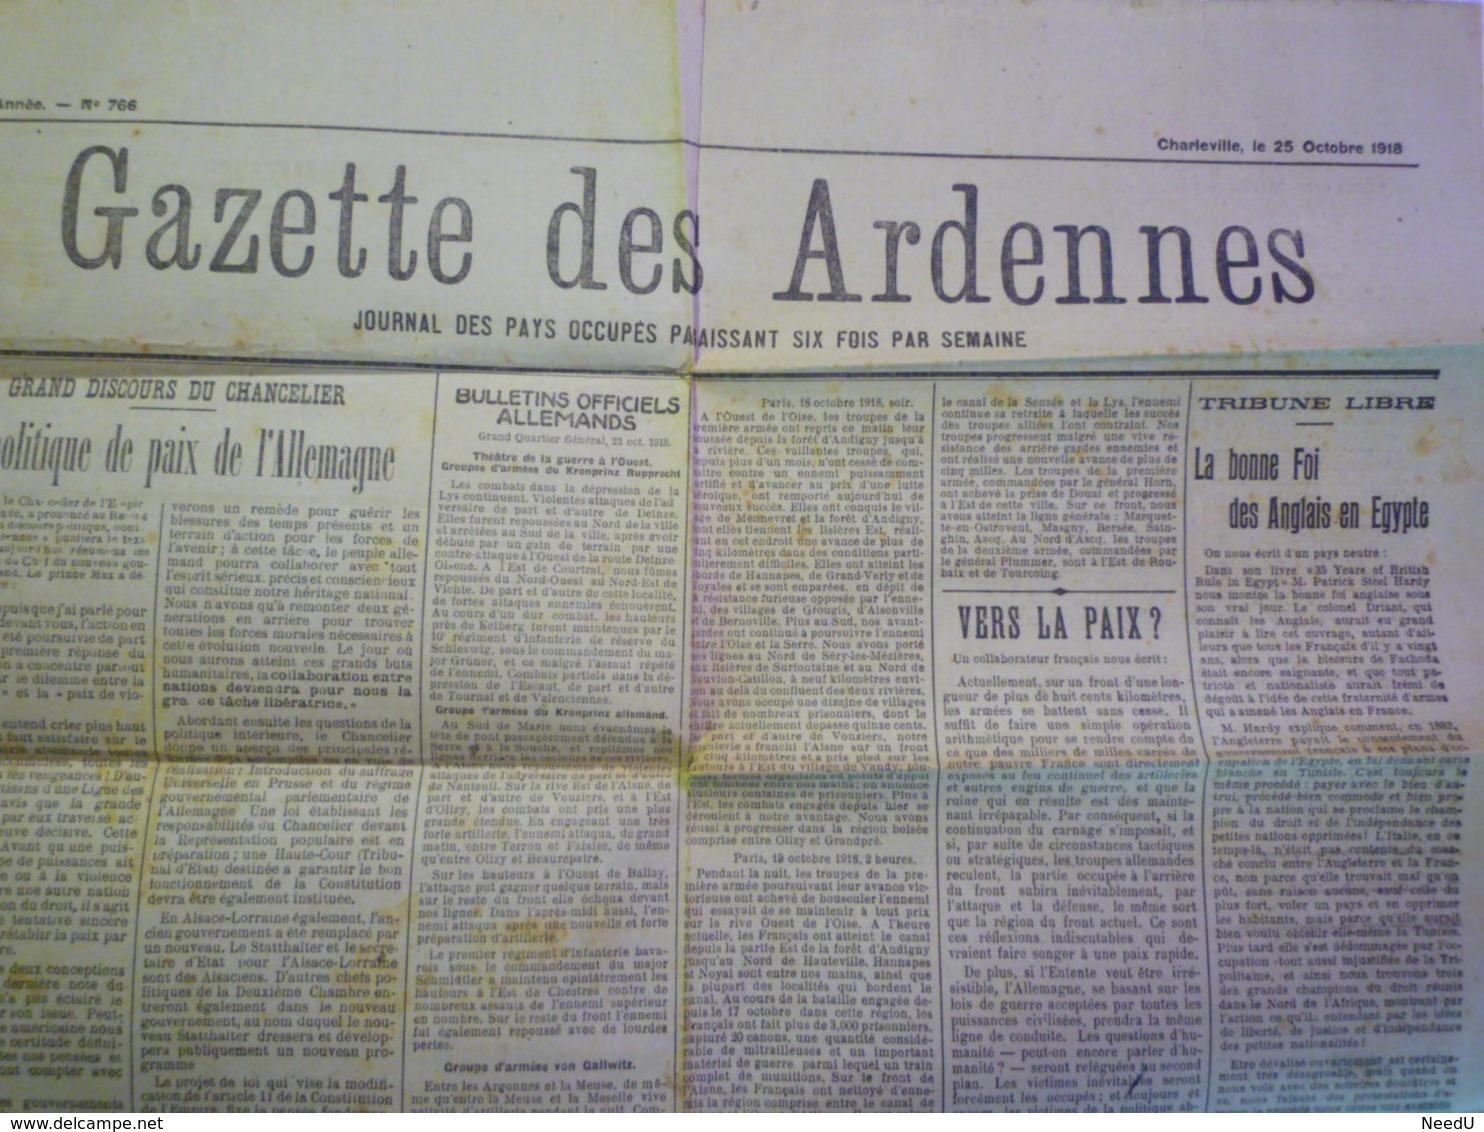 GP 2019 - 1039  GAZETTE Des ARDENNES Du 25 OCT 1918  (Charleville)   XXXX - Sin Clasificación